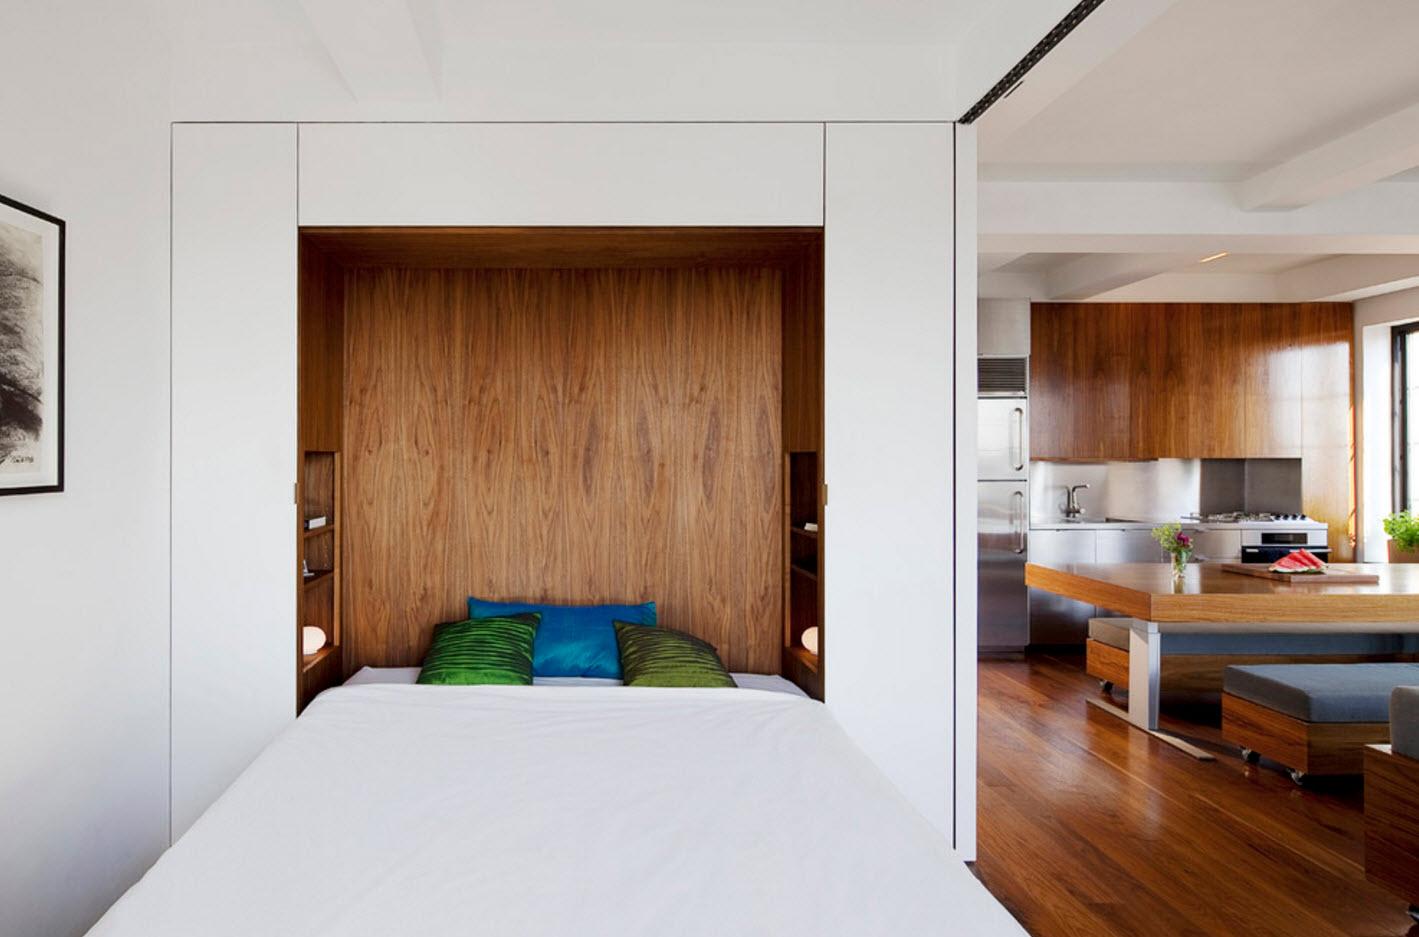 трансформер шкаф кровать от Ikea 48 фото откидная встроенная